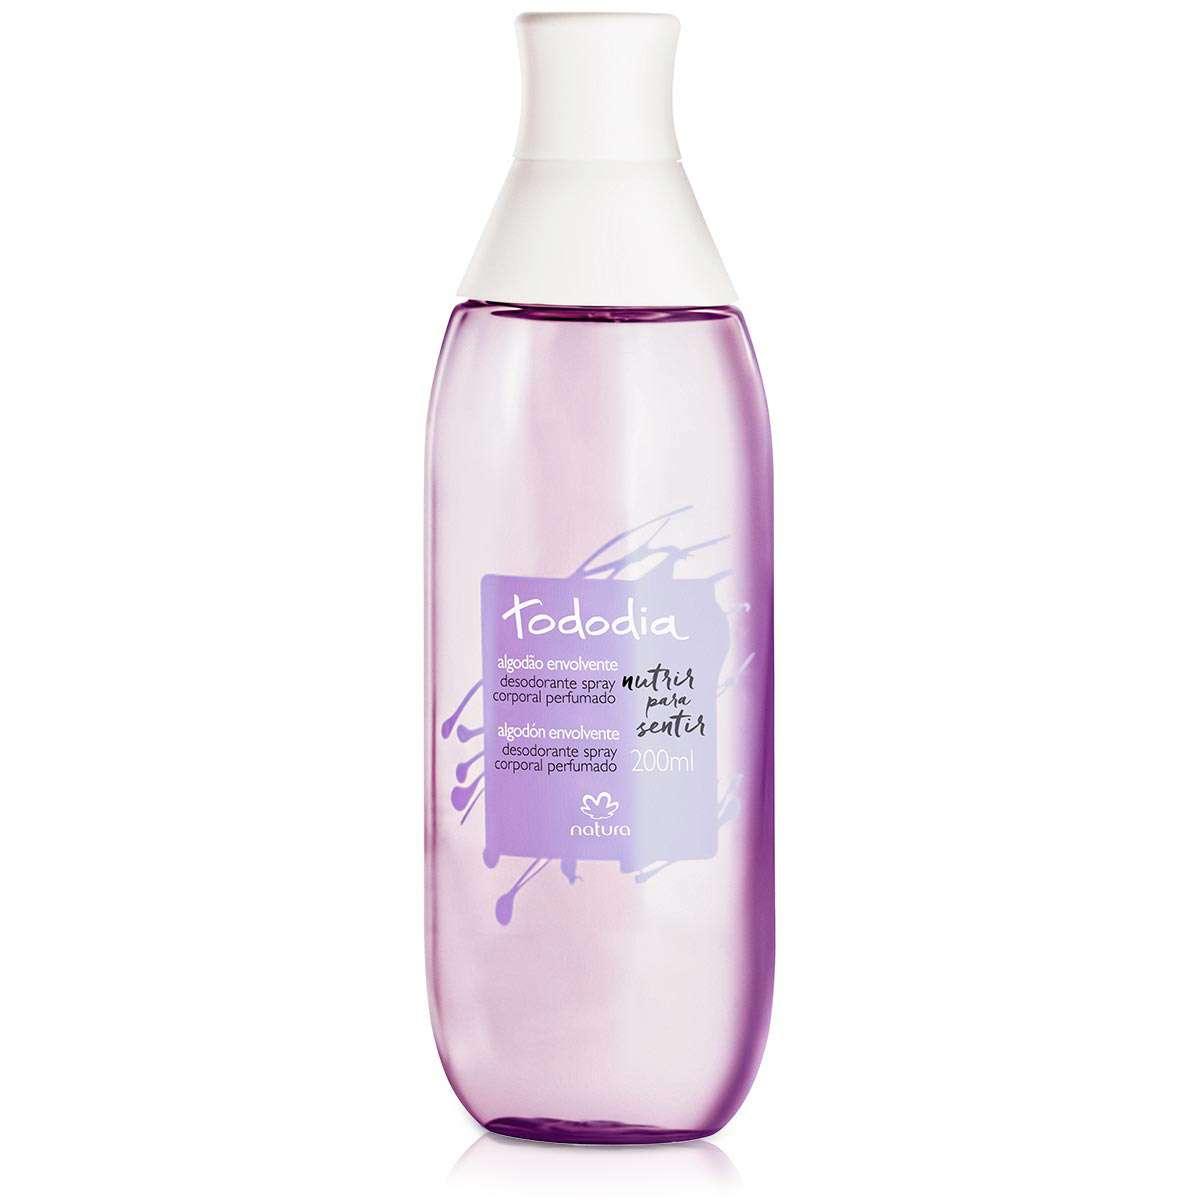 Natura Tododia Algodão Desodorante Spray Corporal Perfumado 200ml